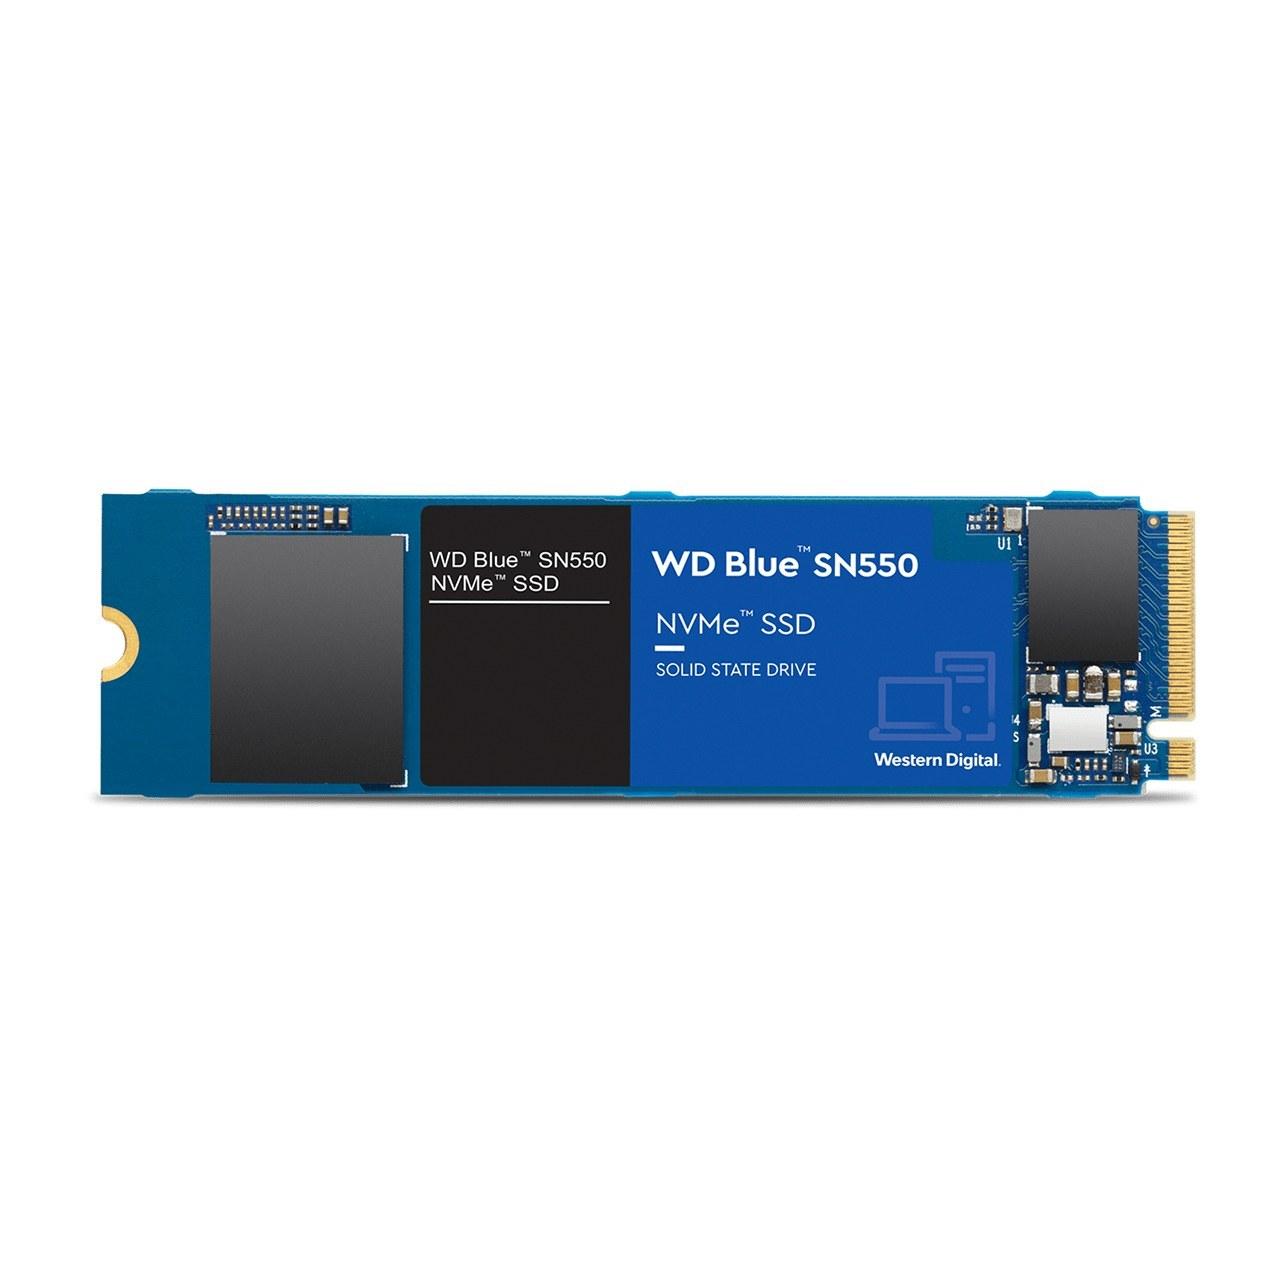 تصویر اس اس دی اینترنال وسترن مدل SN550 NVMe Blue ظرفیت 1 ترابایت